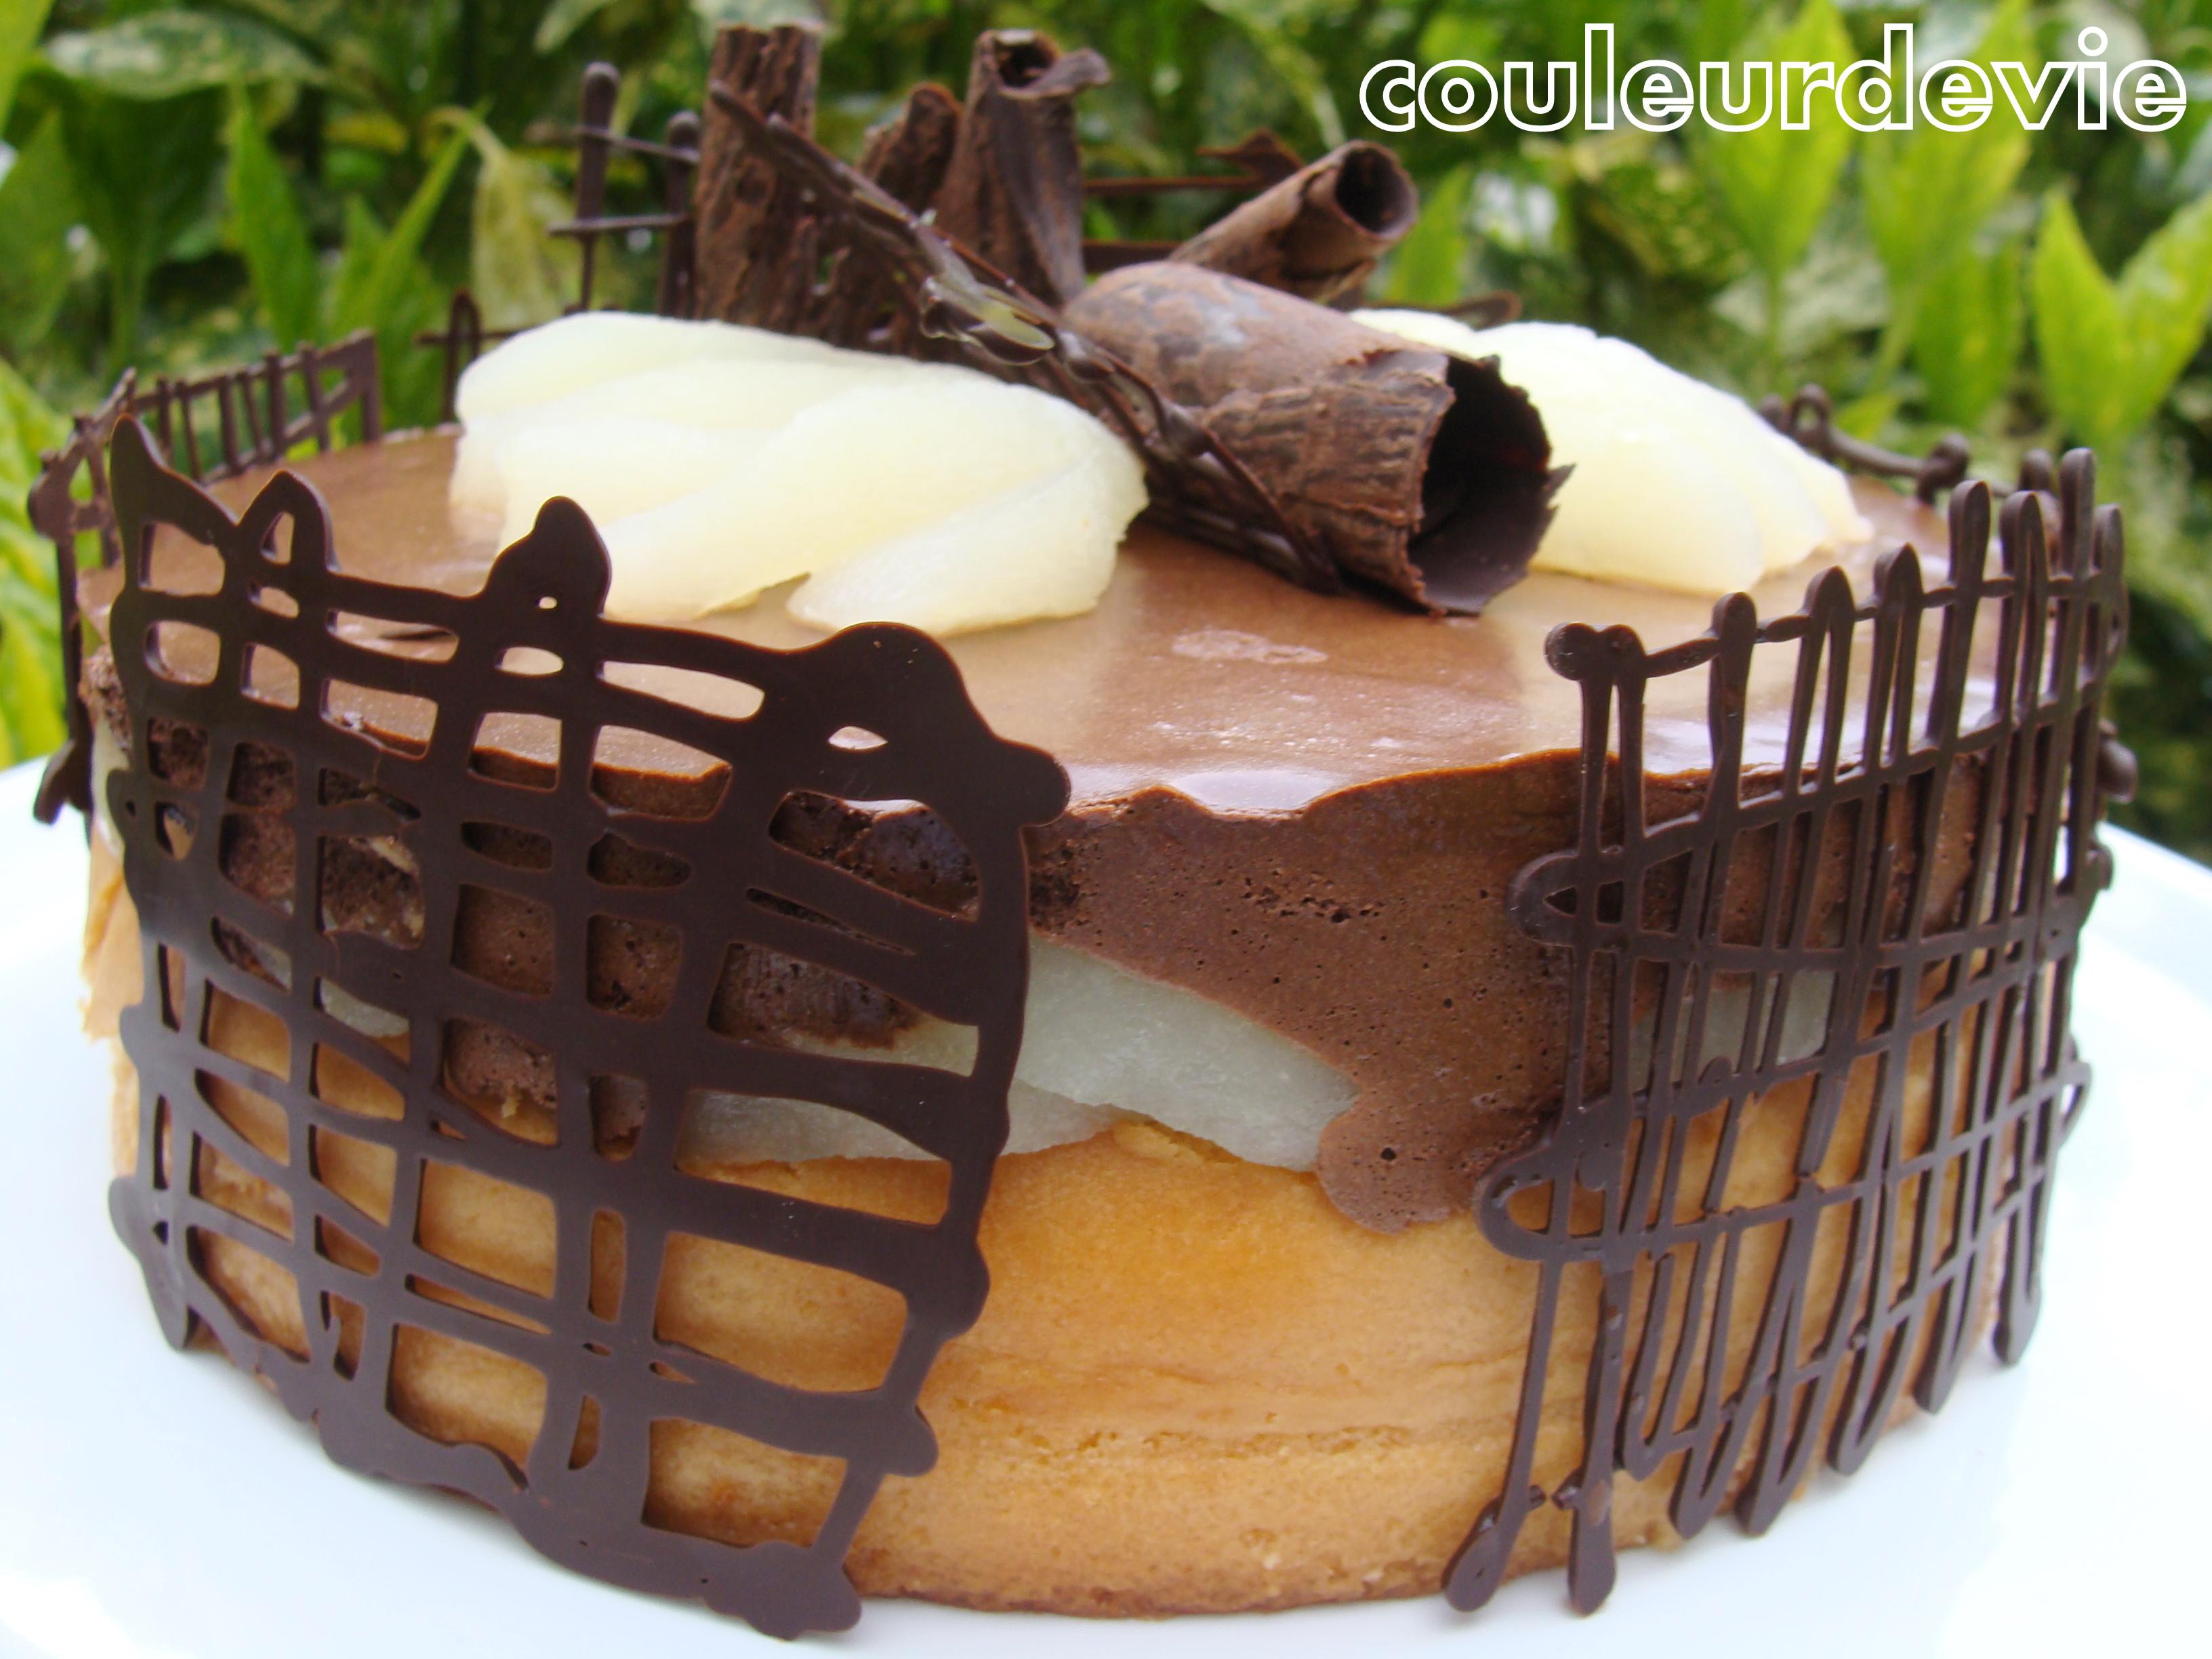 G Teau Mousseux Chocolat Poire Couleurdevie